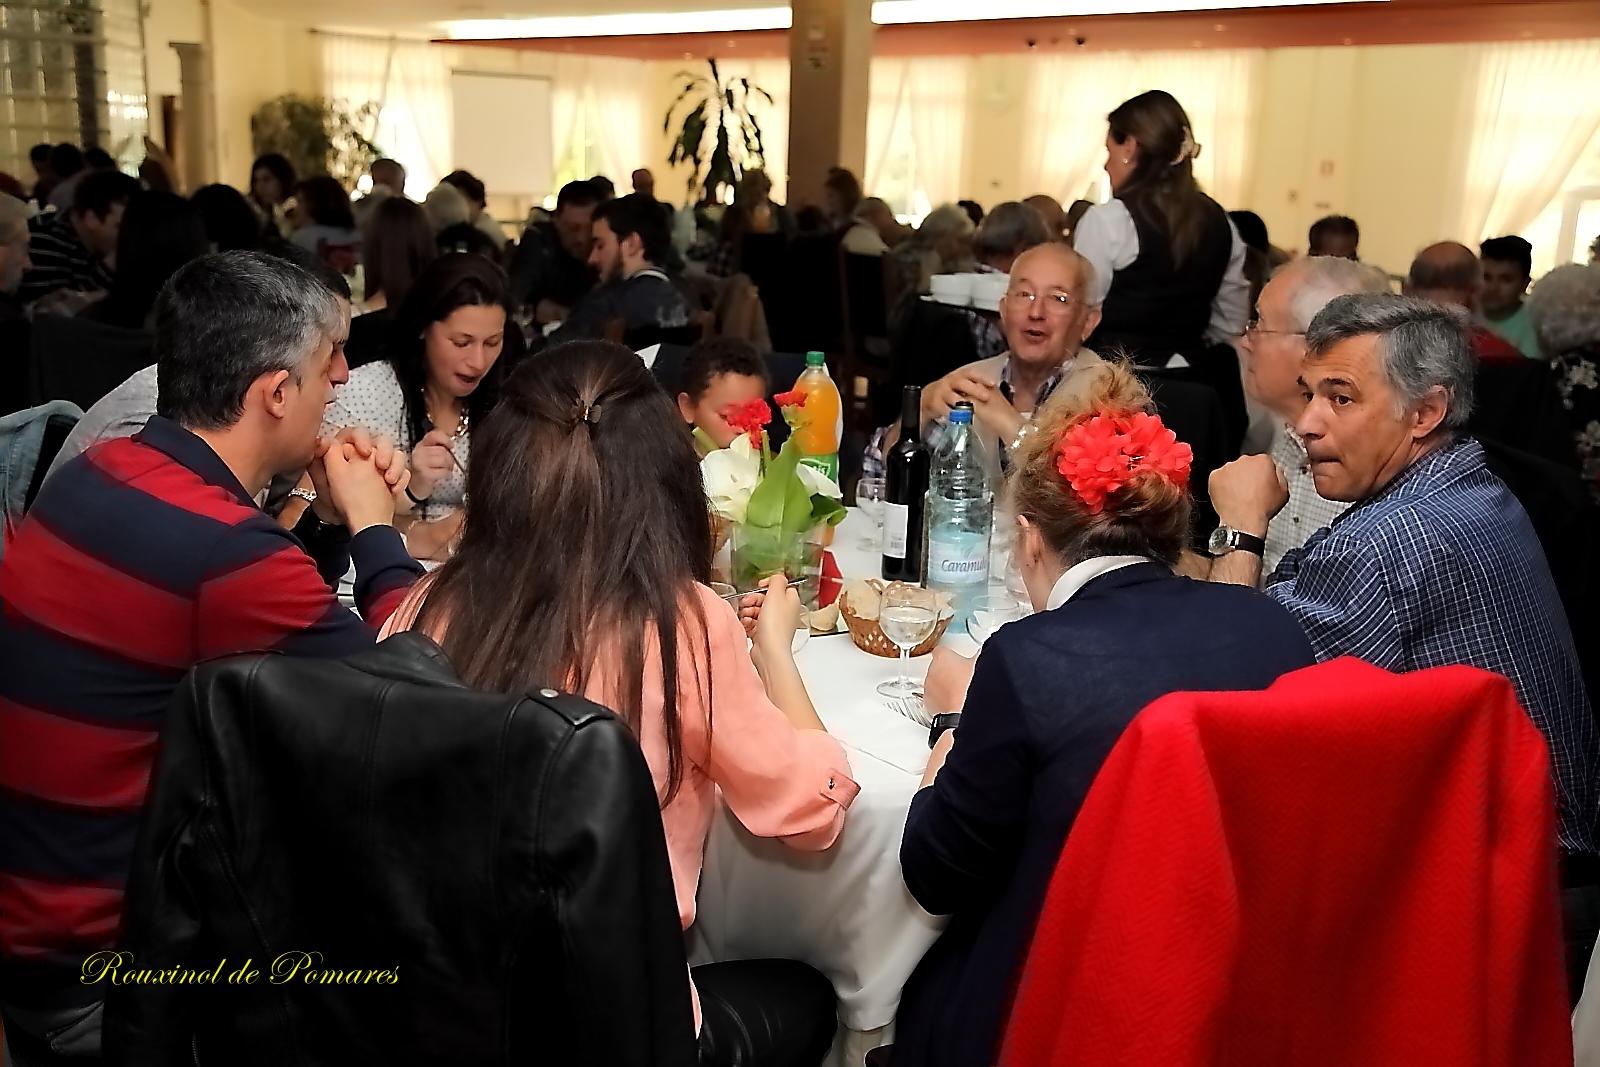 Almoço Comemoração 95 Anos Sociedade  (7)